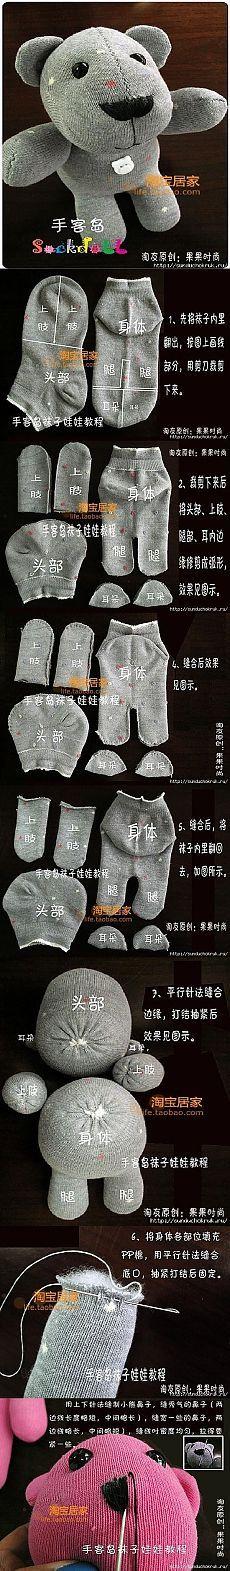 çoraptan oyuncak